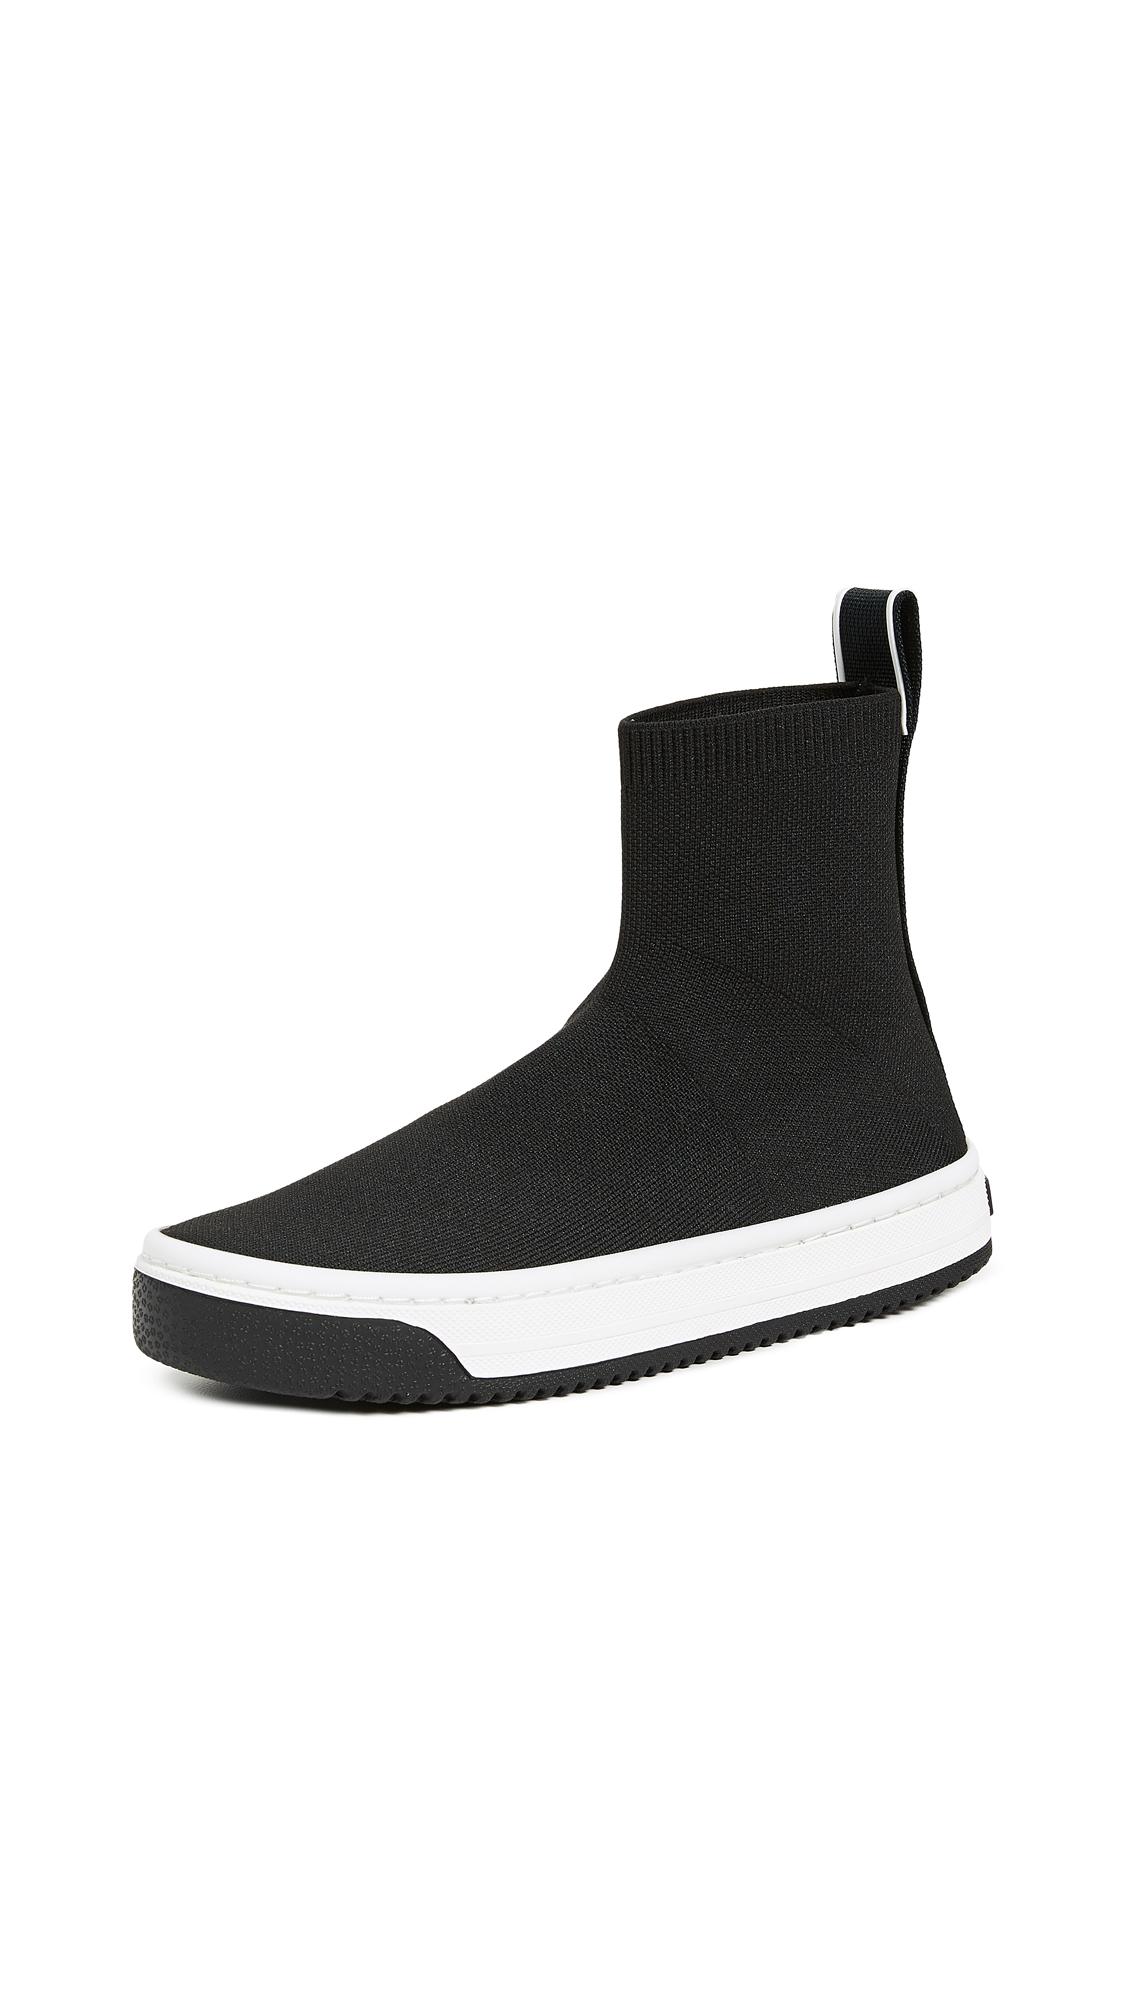 Marc Jacobs Dart Sock Sneakers - Black